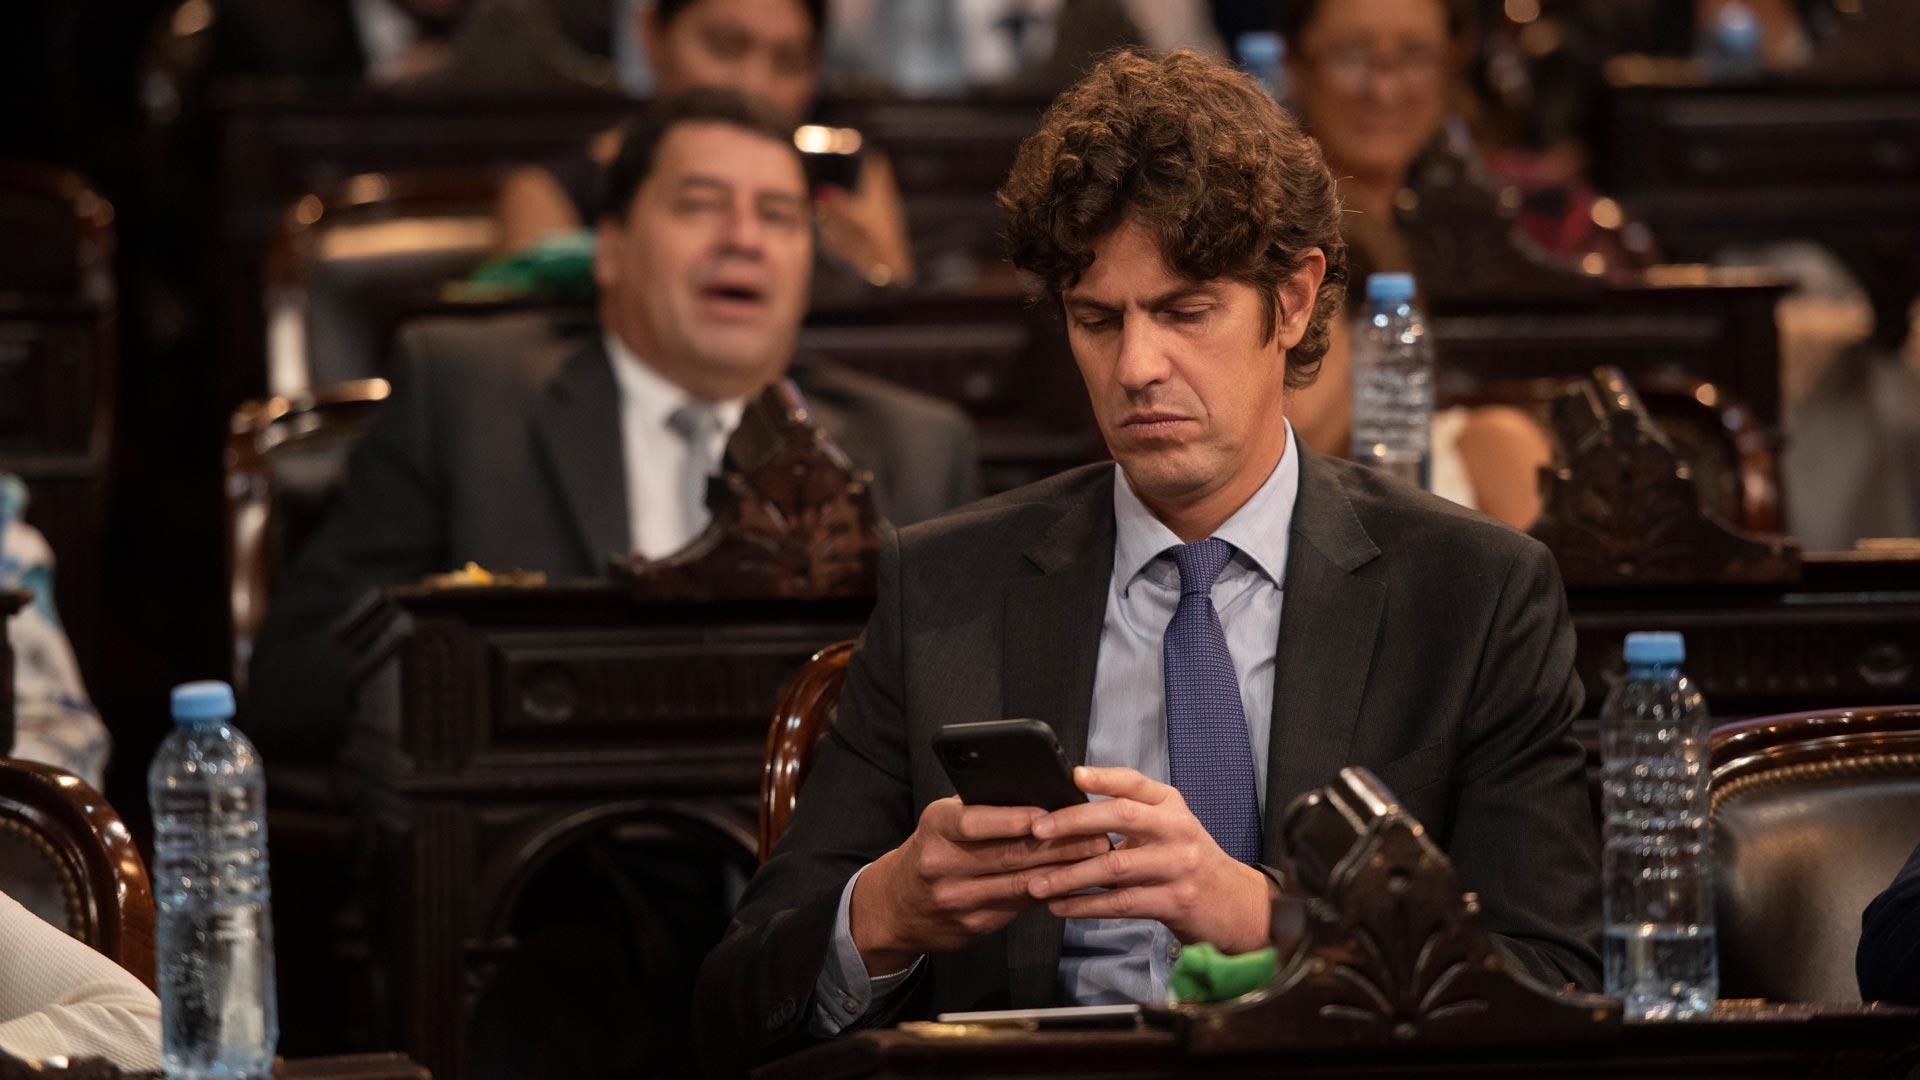 Martín Lousteau, ex ministro de Economía del gobierno kirchnerista y actual senador del bloque Juntos por el Cambio